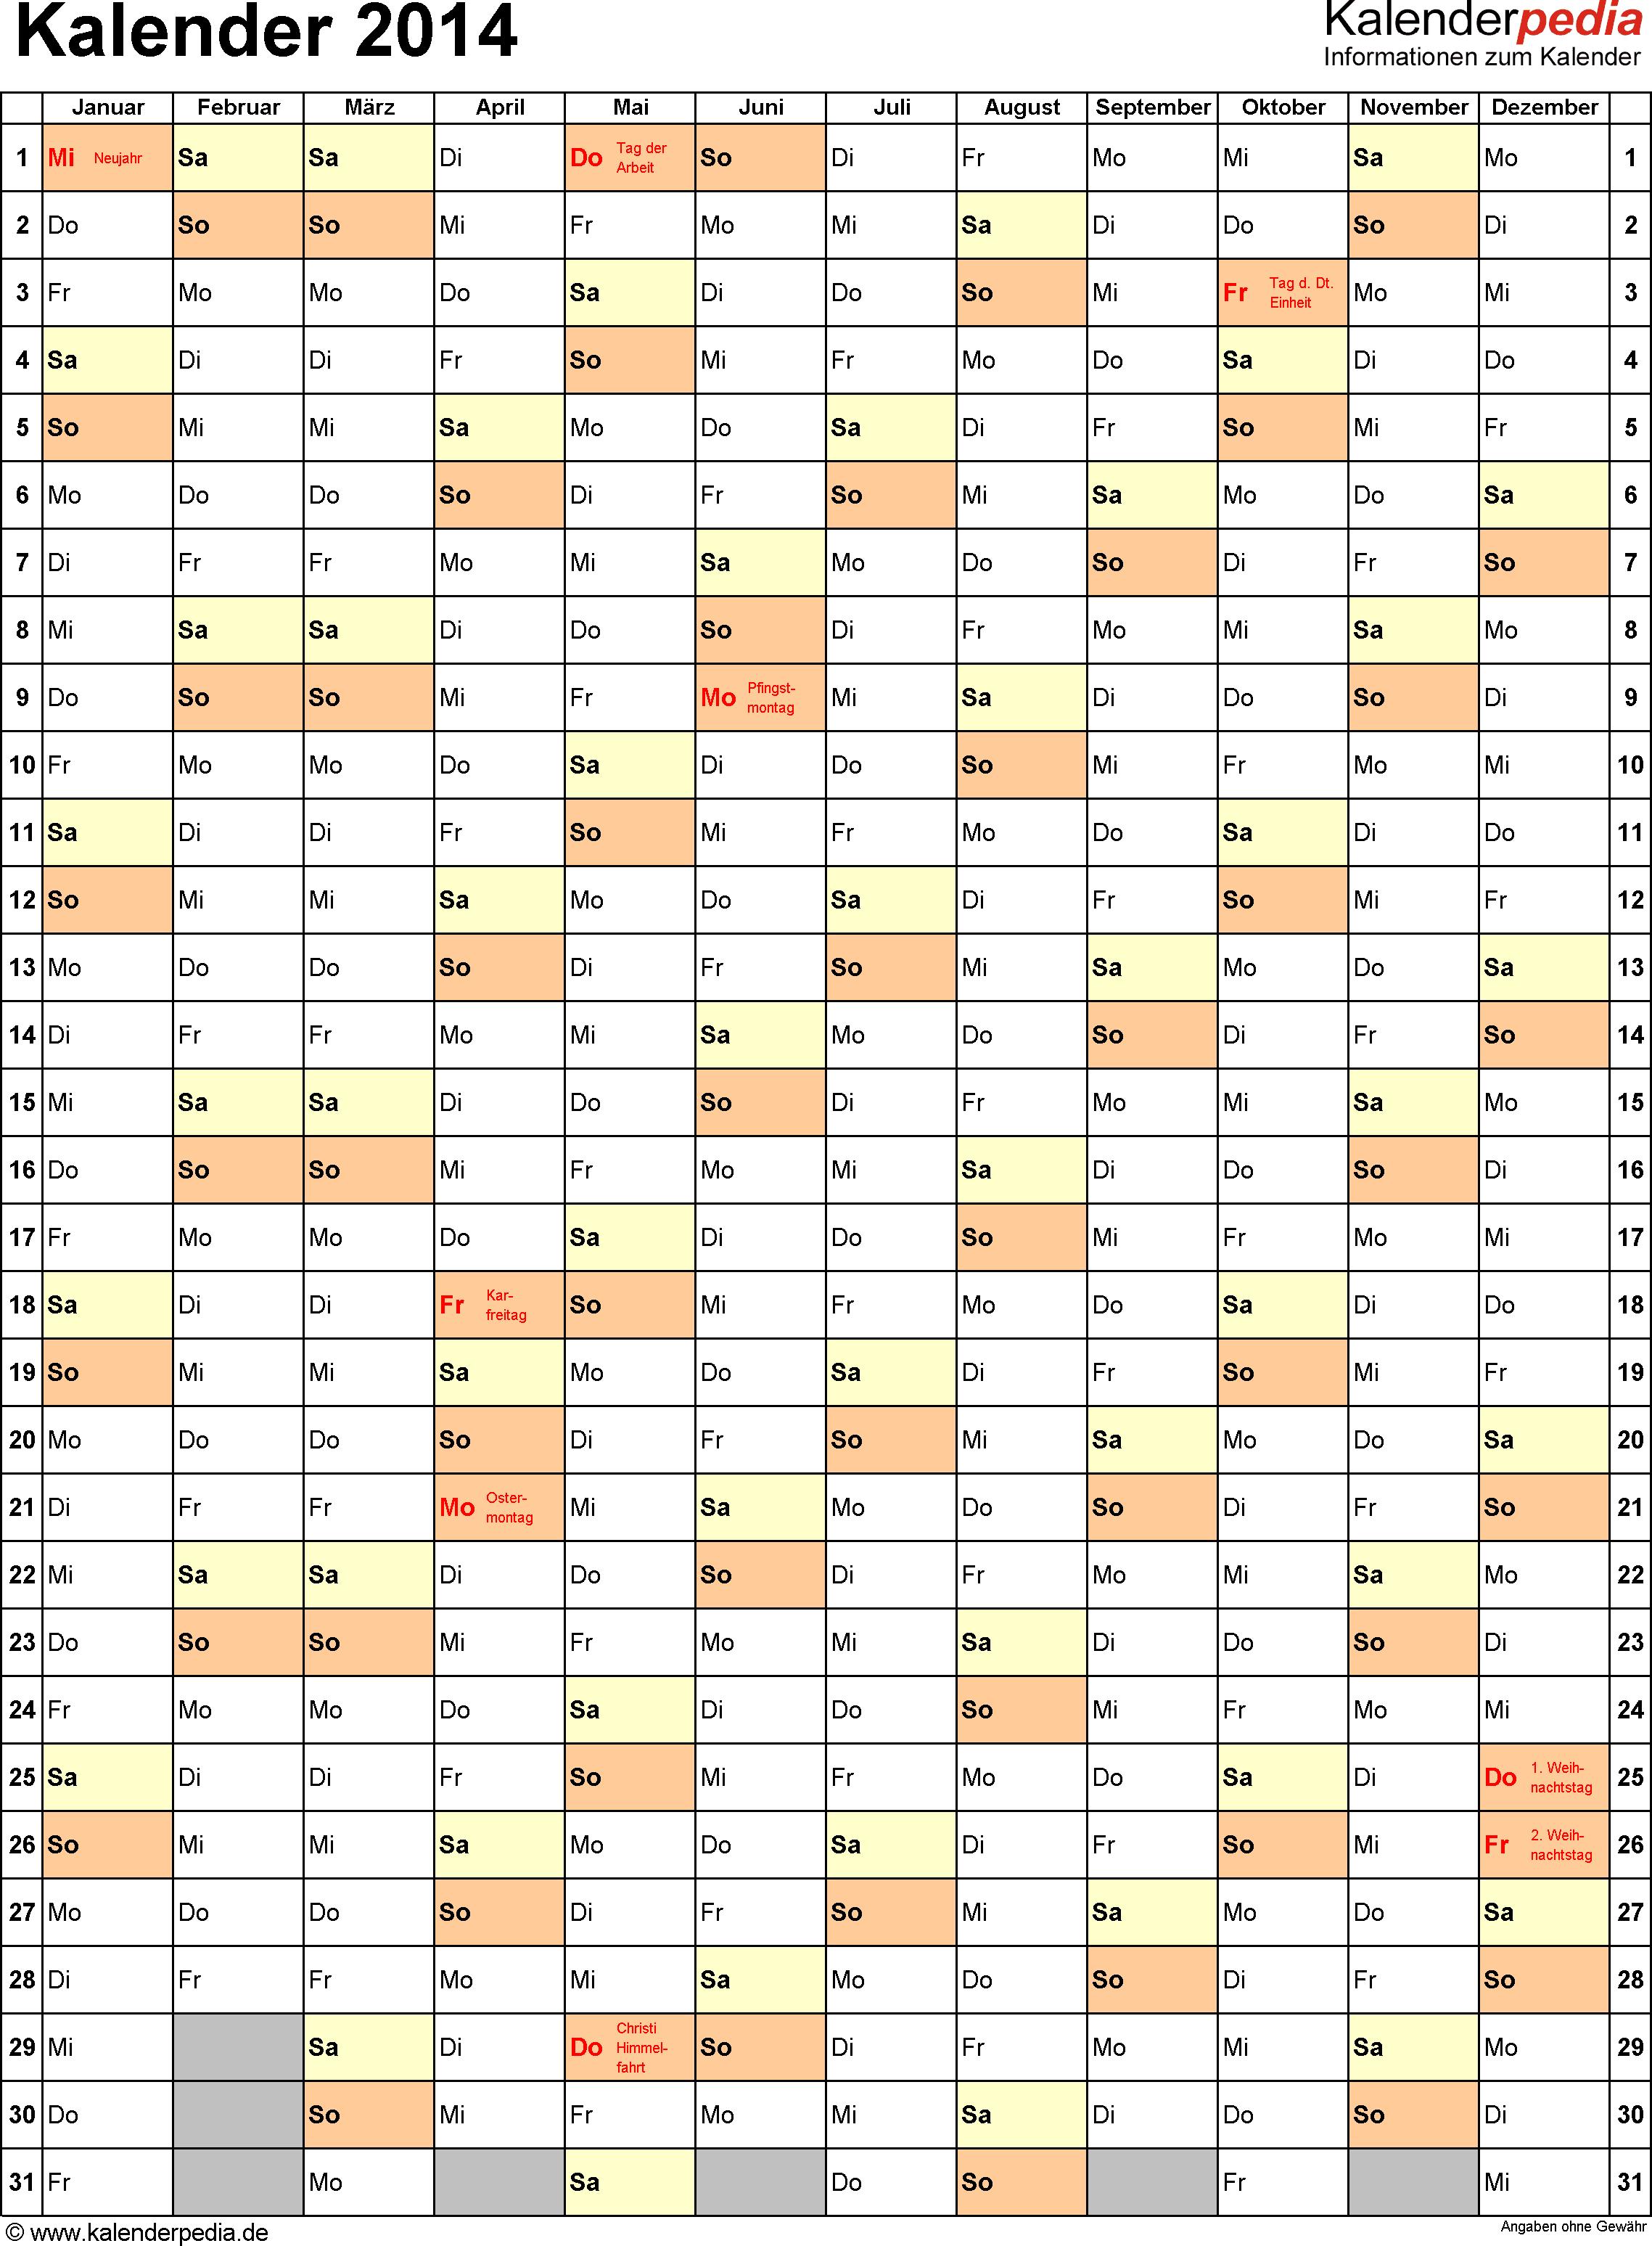 Vorlage 10: Kalender 2014 für Excel, Jahresansicht, Hochformat, 1 Seite